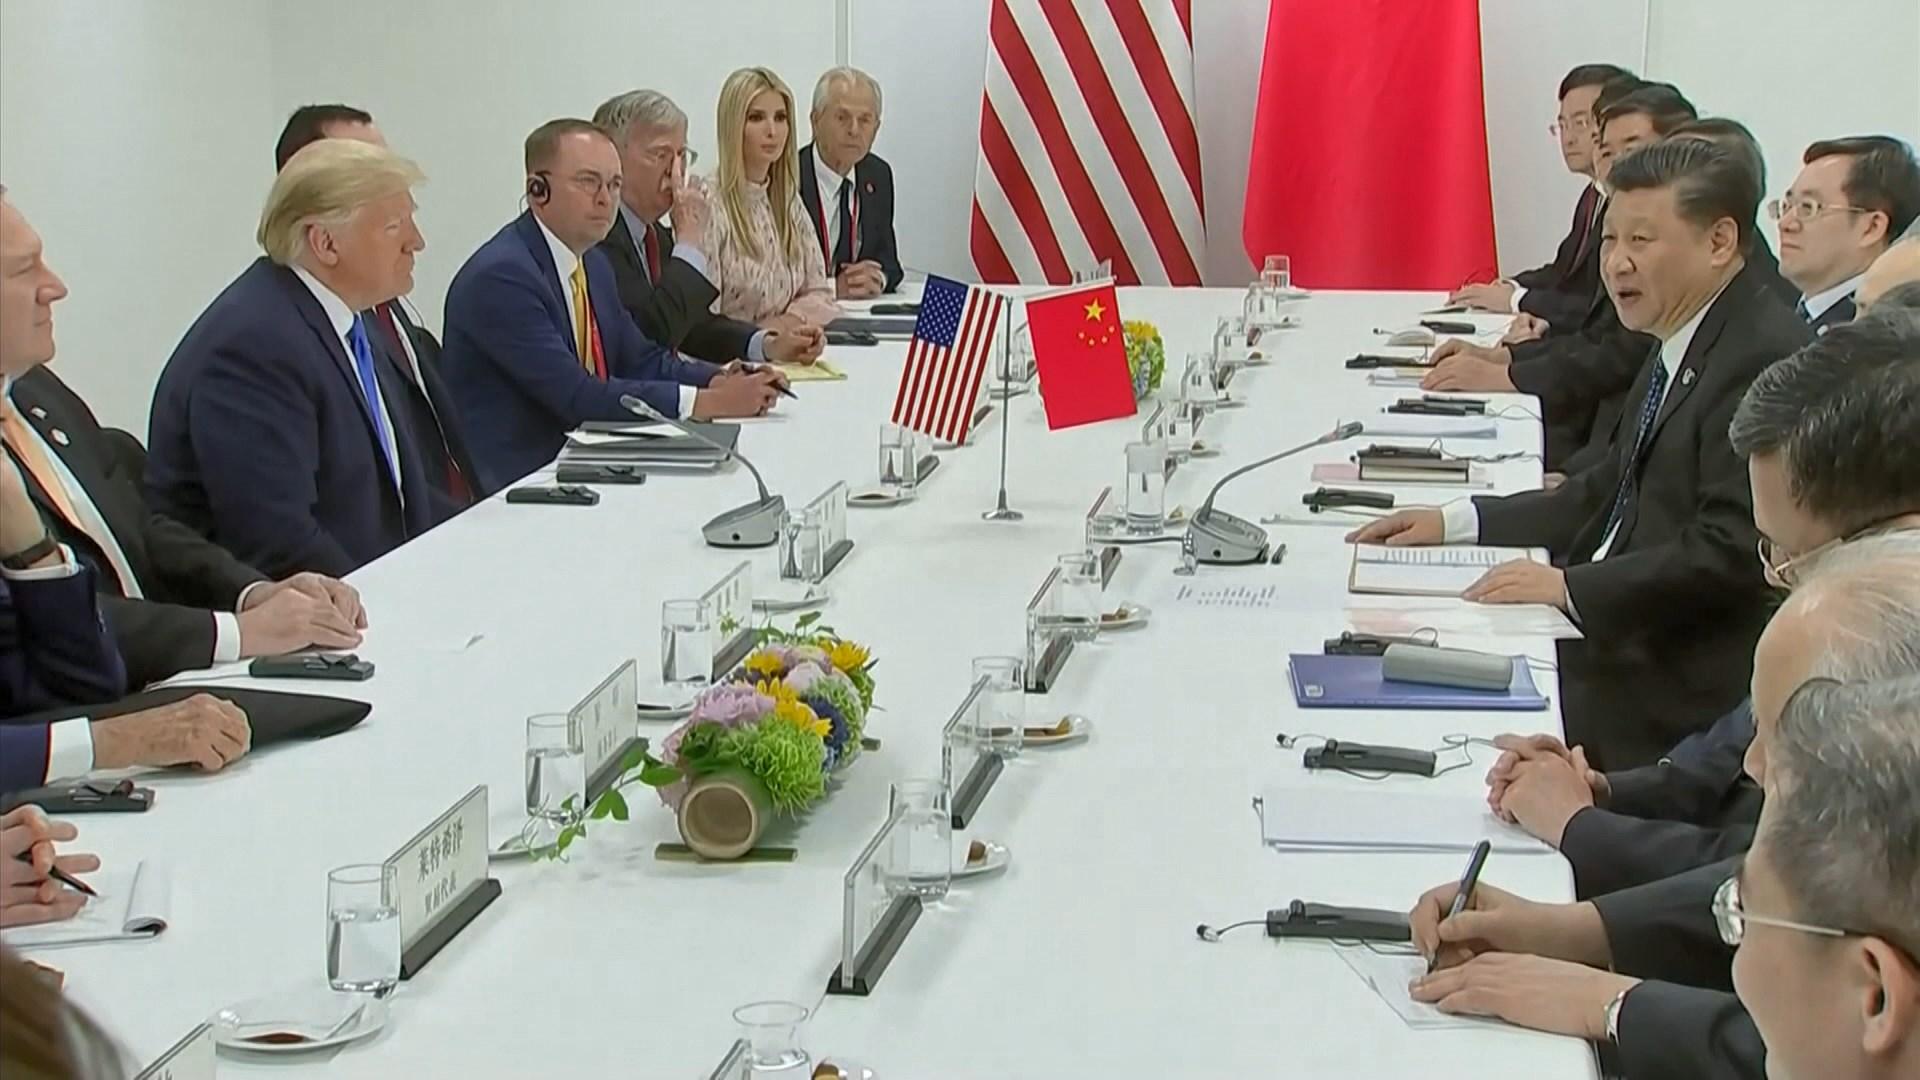 英媒:特朗普減少批評香港修例爭議換重啟中美貿易談判